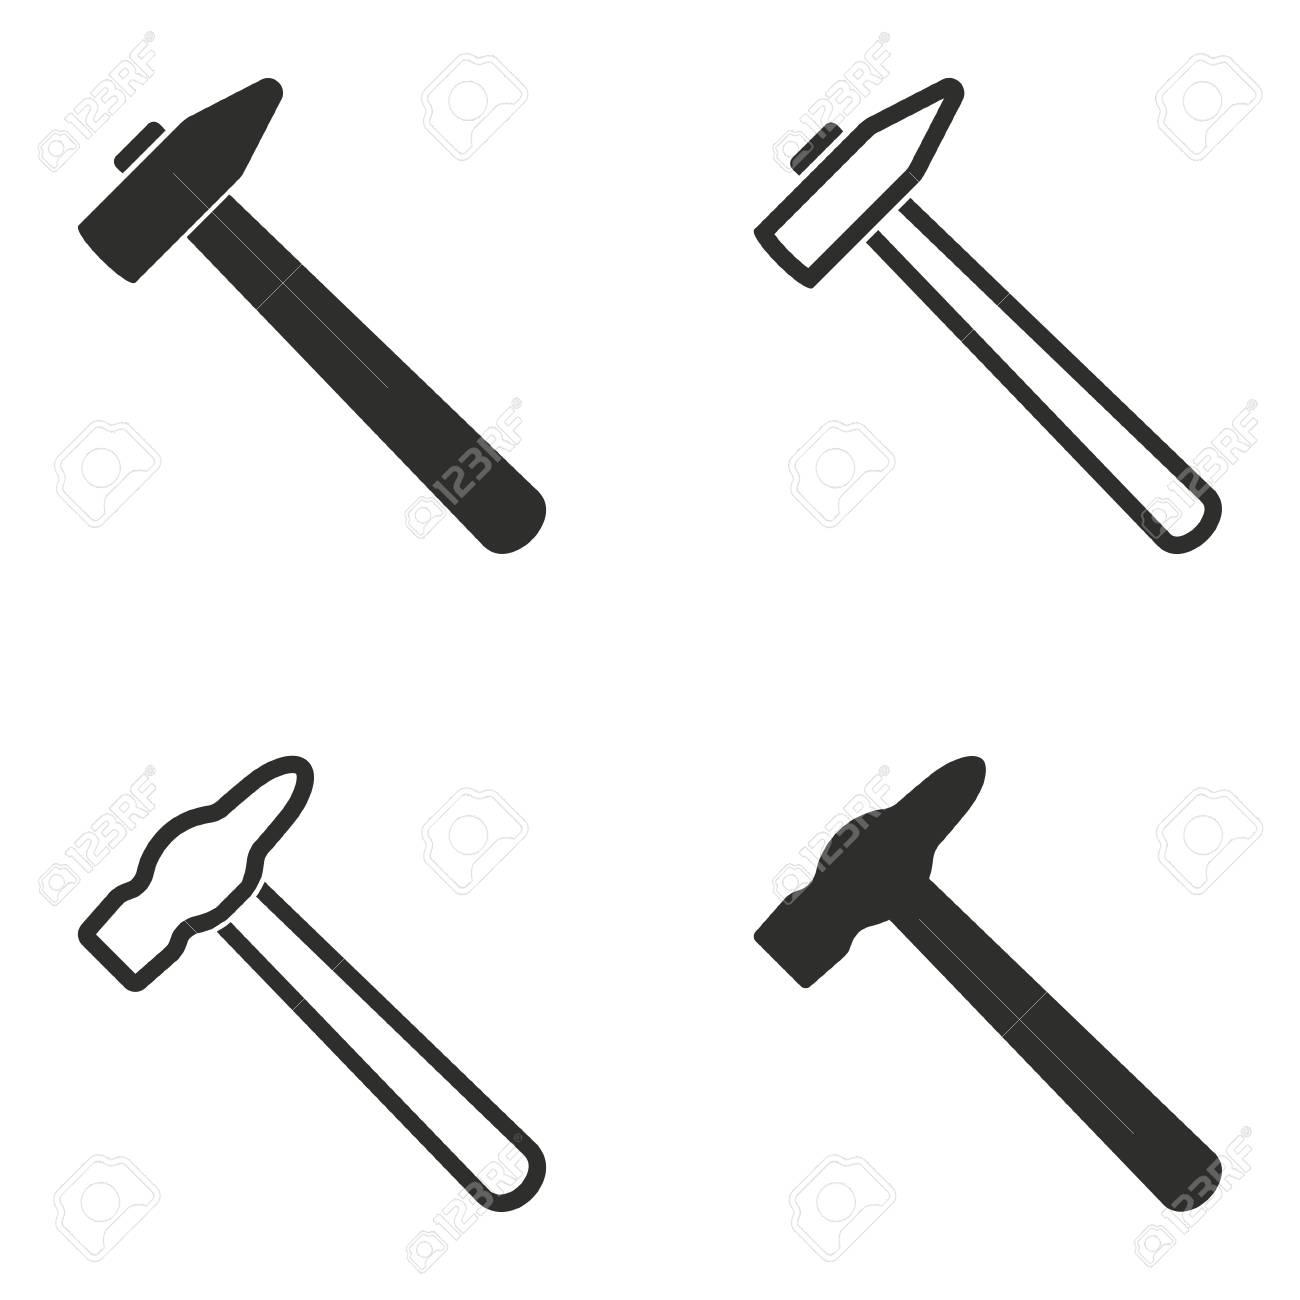 Hamer vector iconen set  Illustratie geïsoleerd voor grafisch en webdesign